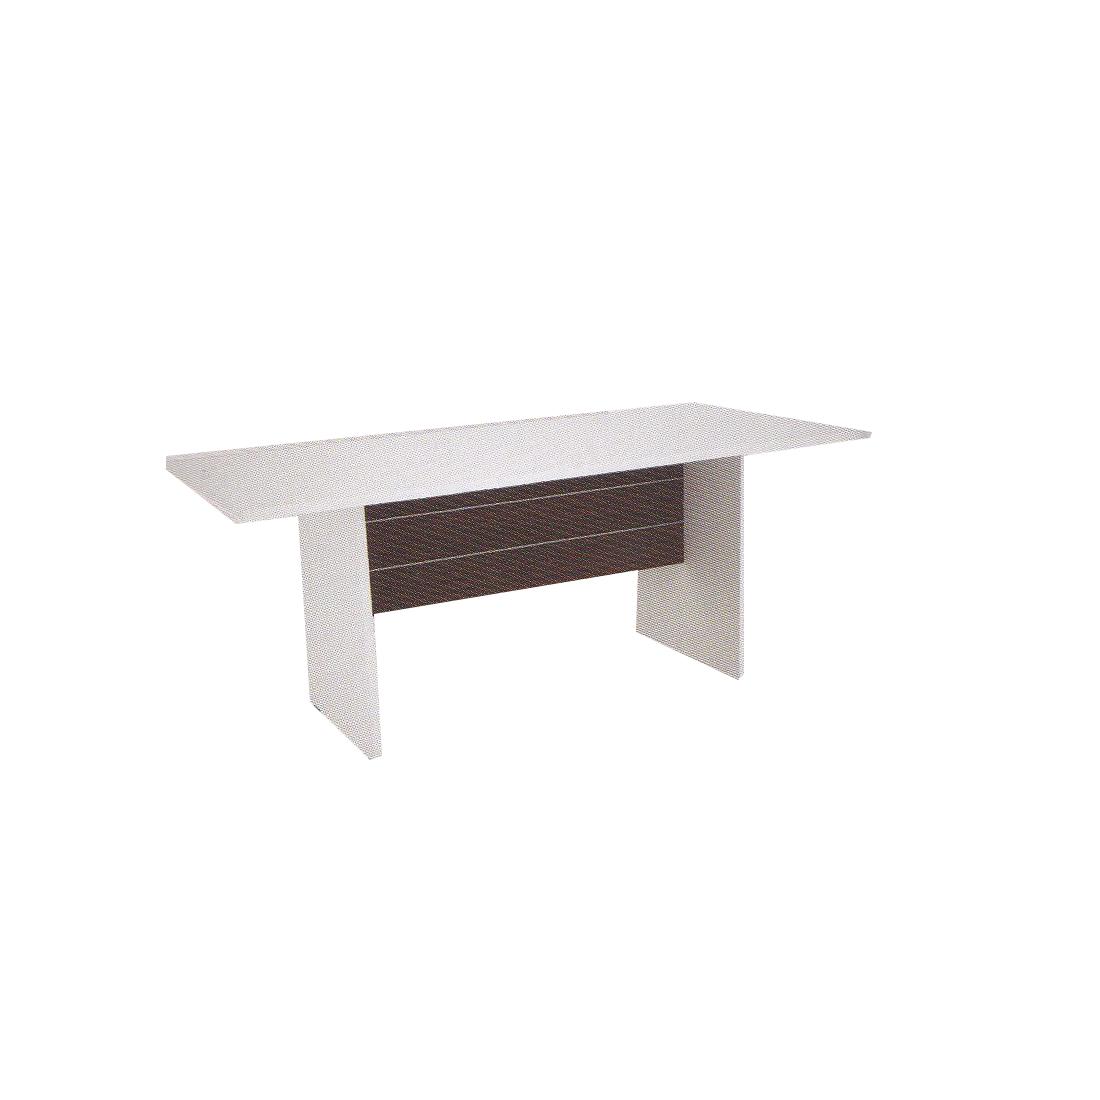 โต๊ะประชุม 1.80 ม. TCF-P1809